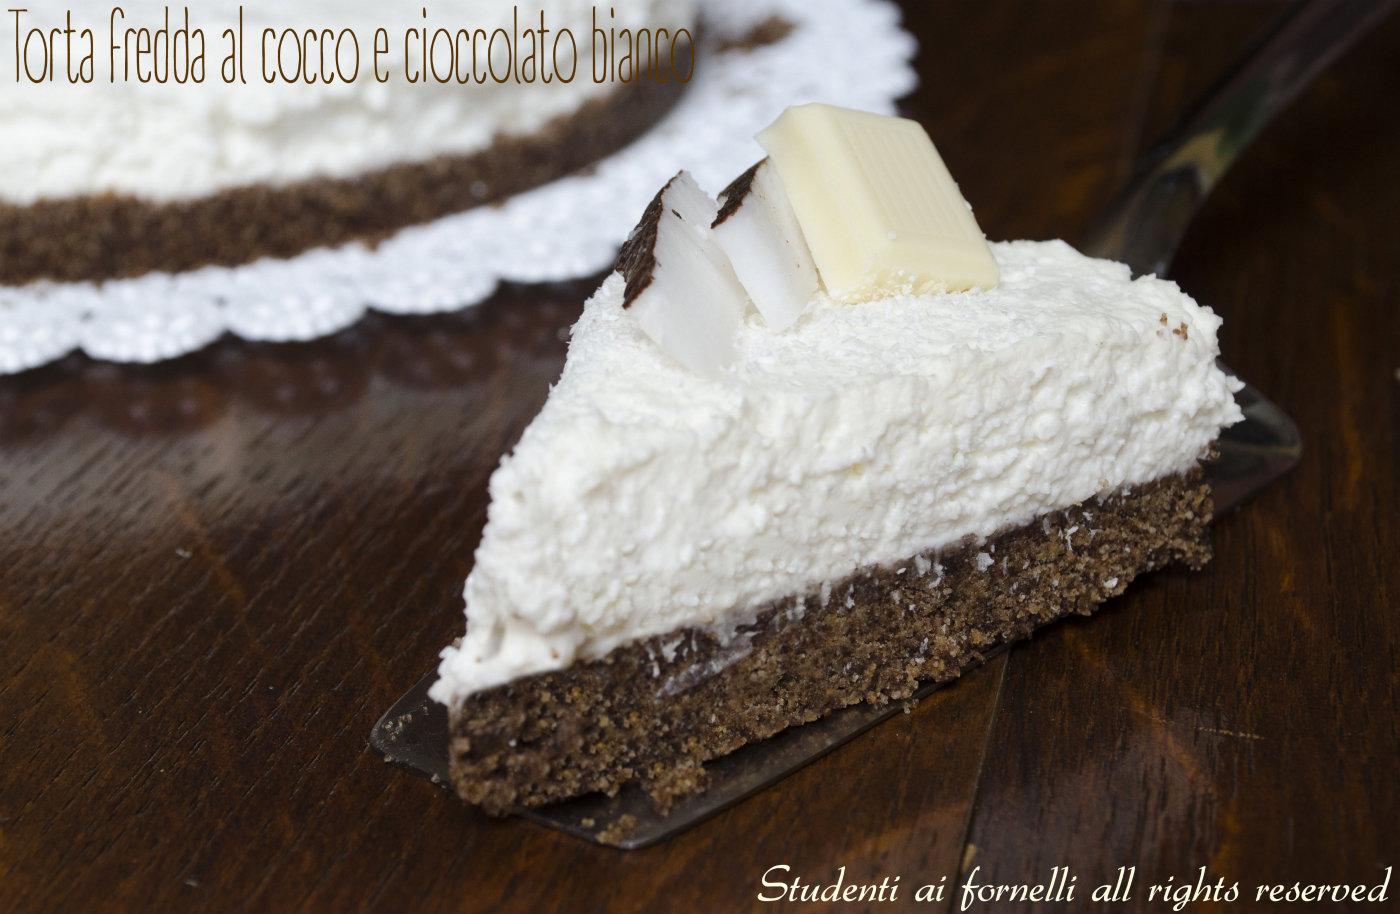 Eccezionale Torta fredda al cocco e cioccolato bianco, ricetta cheesecake DQ32